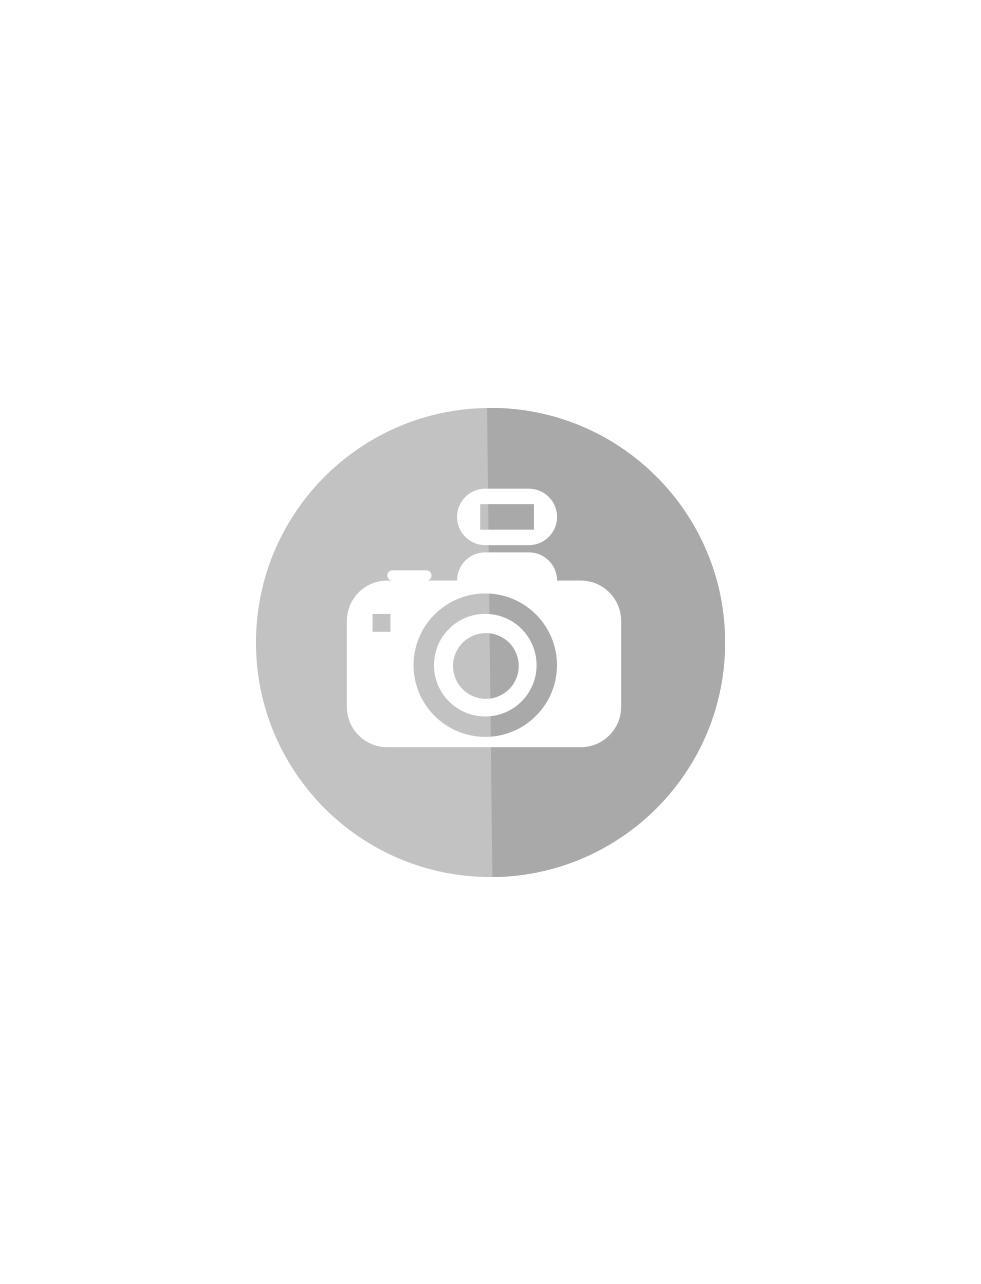 30209702_sparepart/Wasserrad-Halter